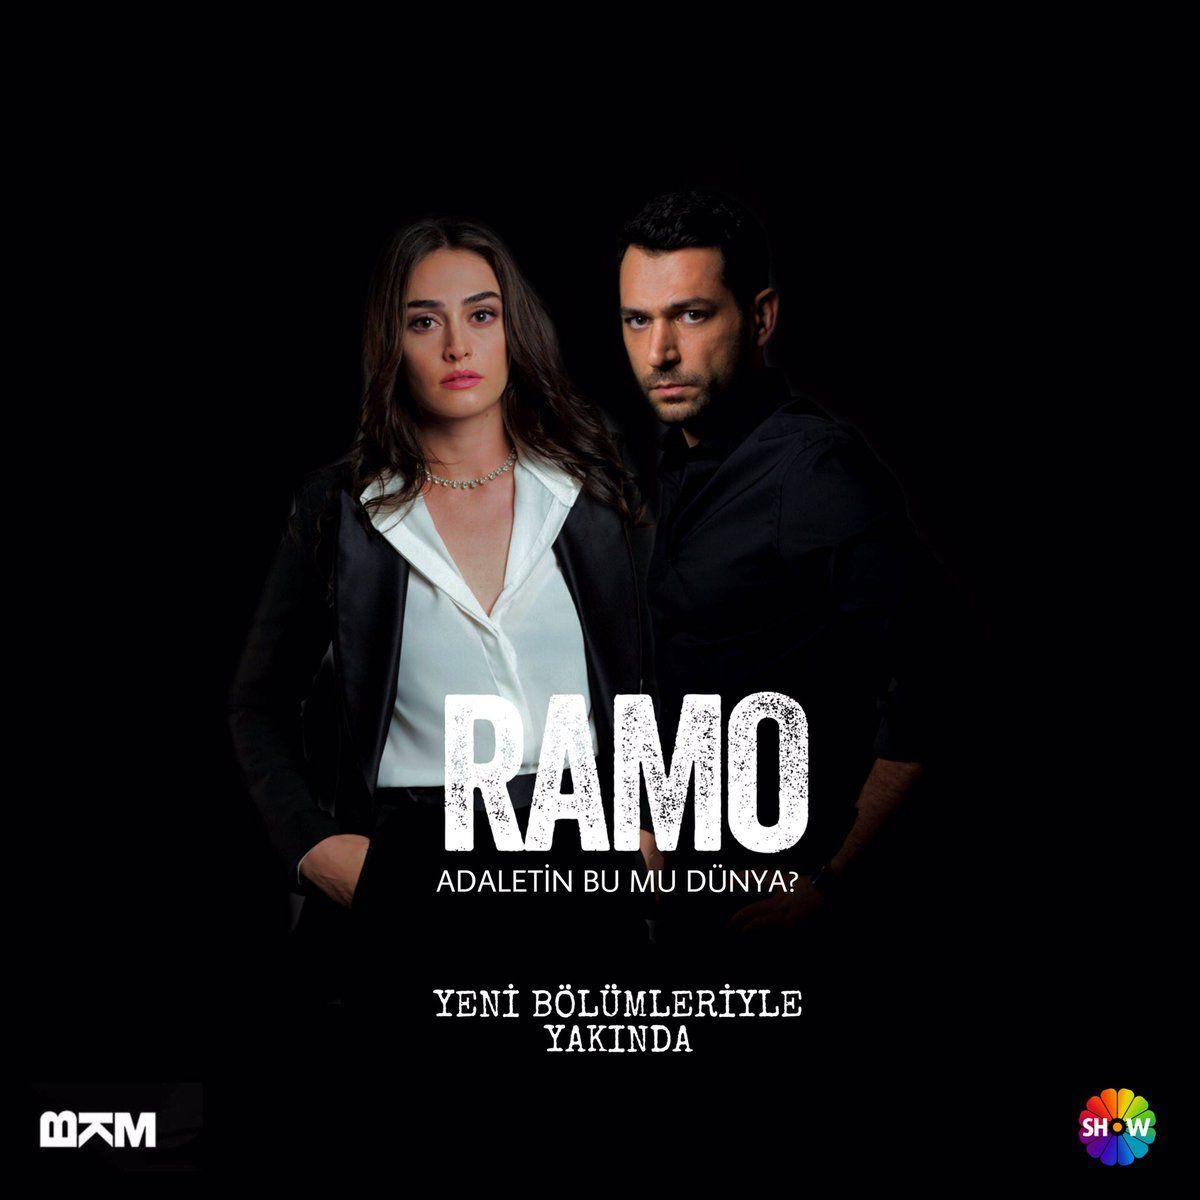 الصفحة الرسمية لمسلسل رامو تعلن عن عودة المسلسل قريبا مما يعنى ان استكمال التصوير سيكون خلال ايام قليلة Ramo Pic Twitter Com Yl Movie Posters Movies Poster